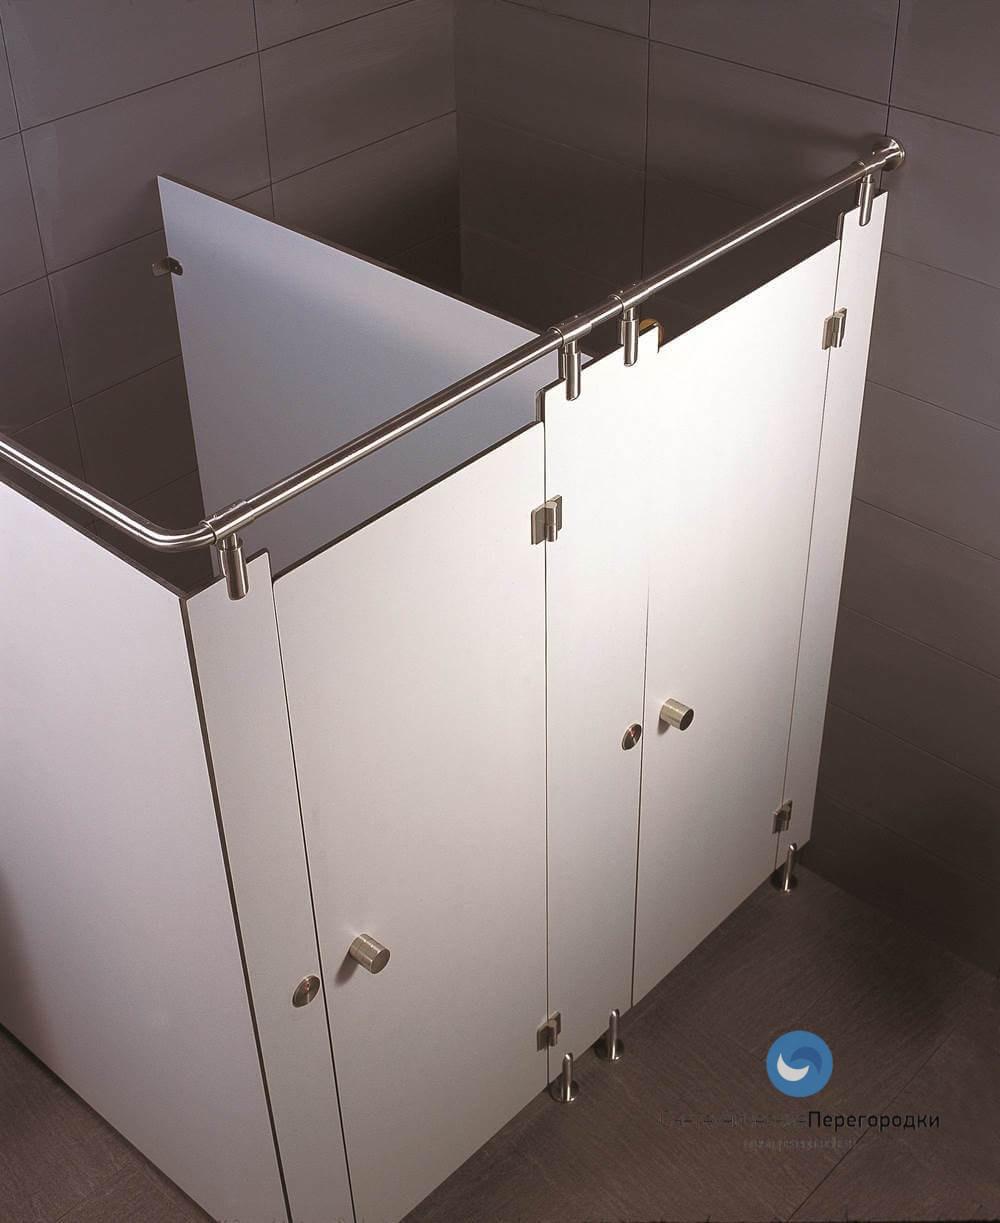 Перегородки сантехнические туалетные для санузлов